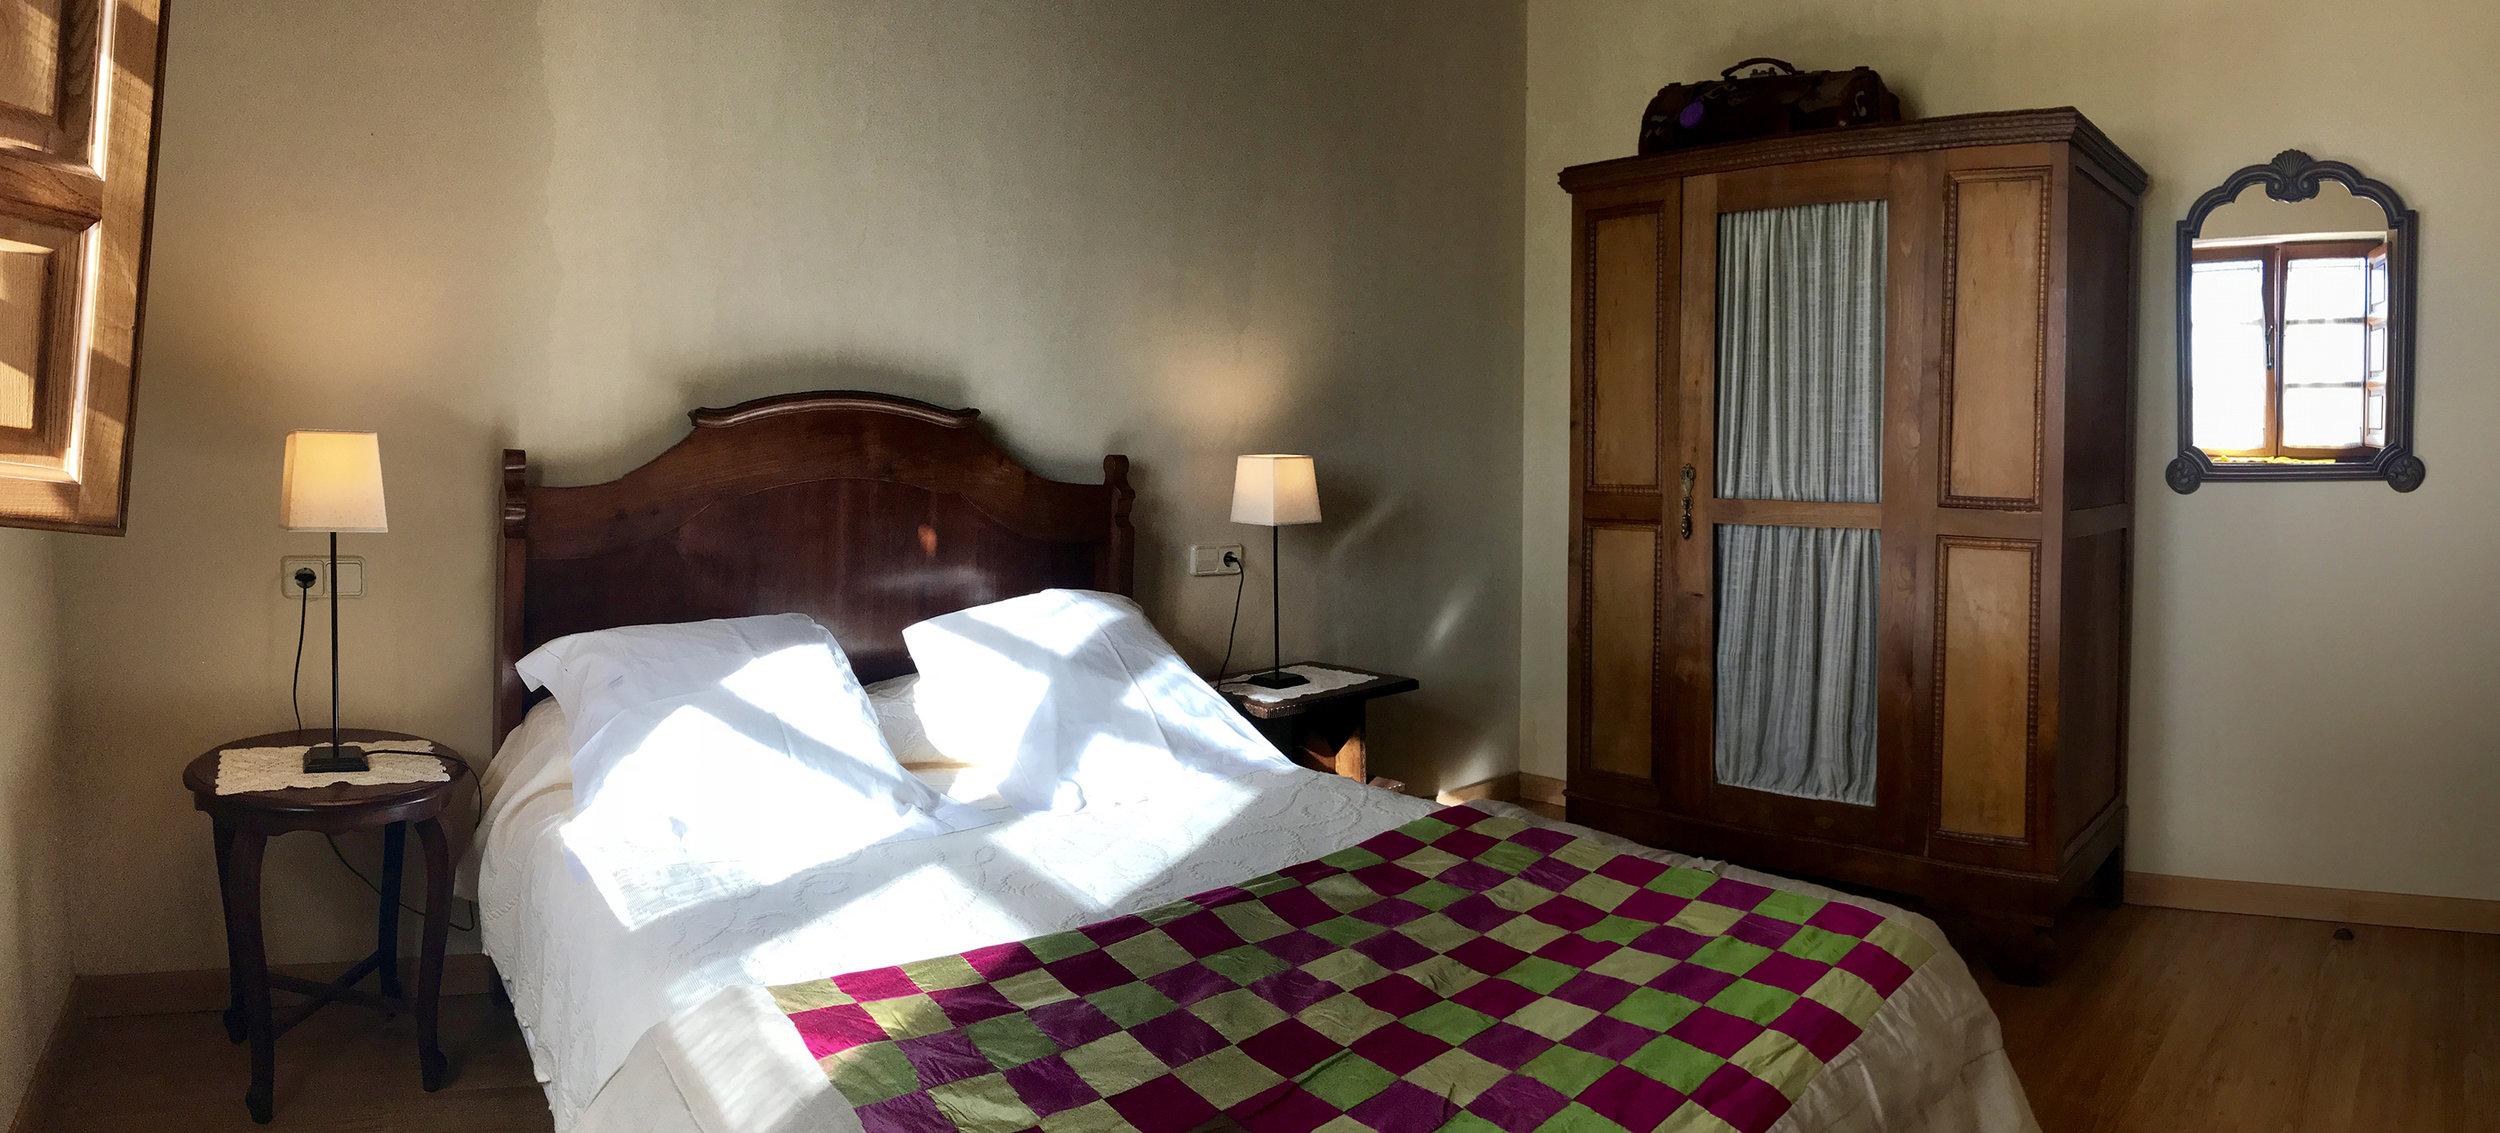 Habitaci+¦n B 1 cama.jpg